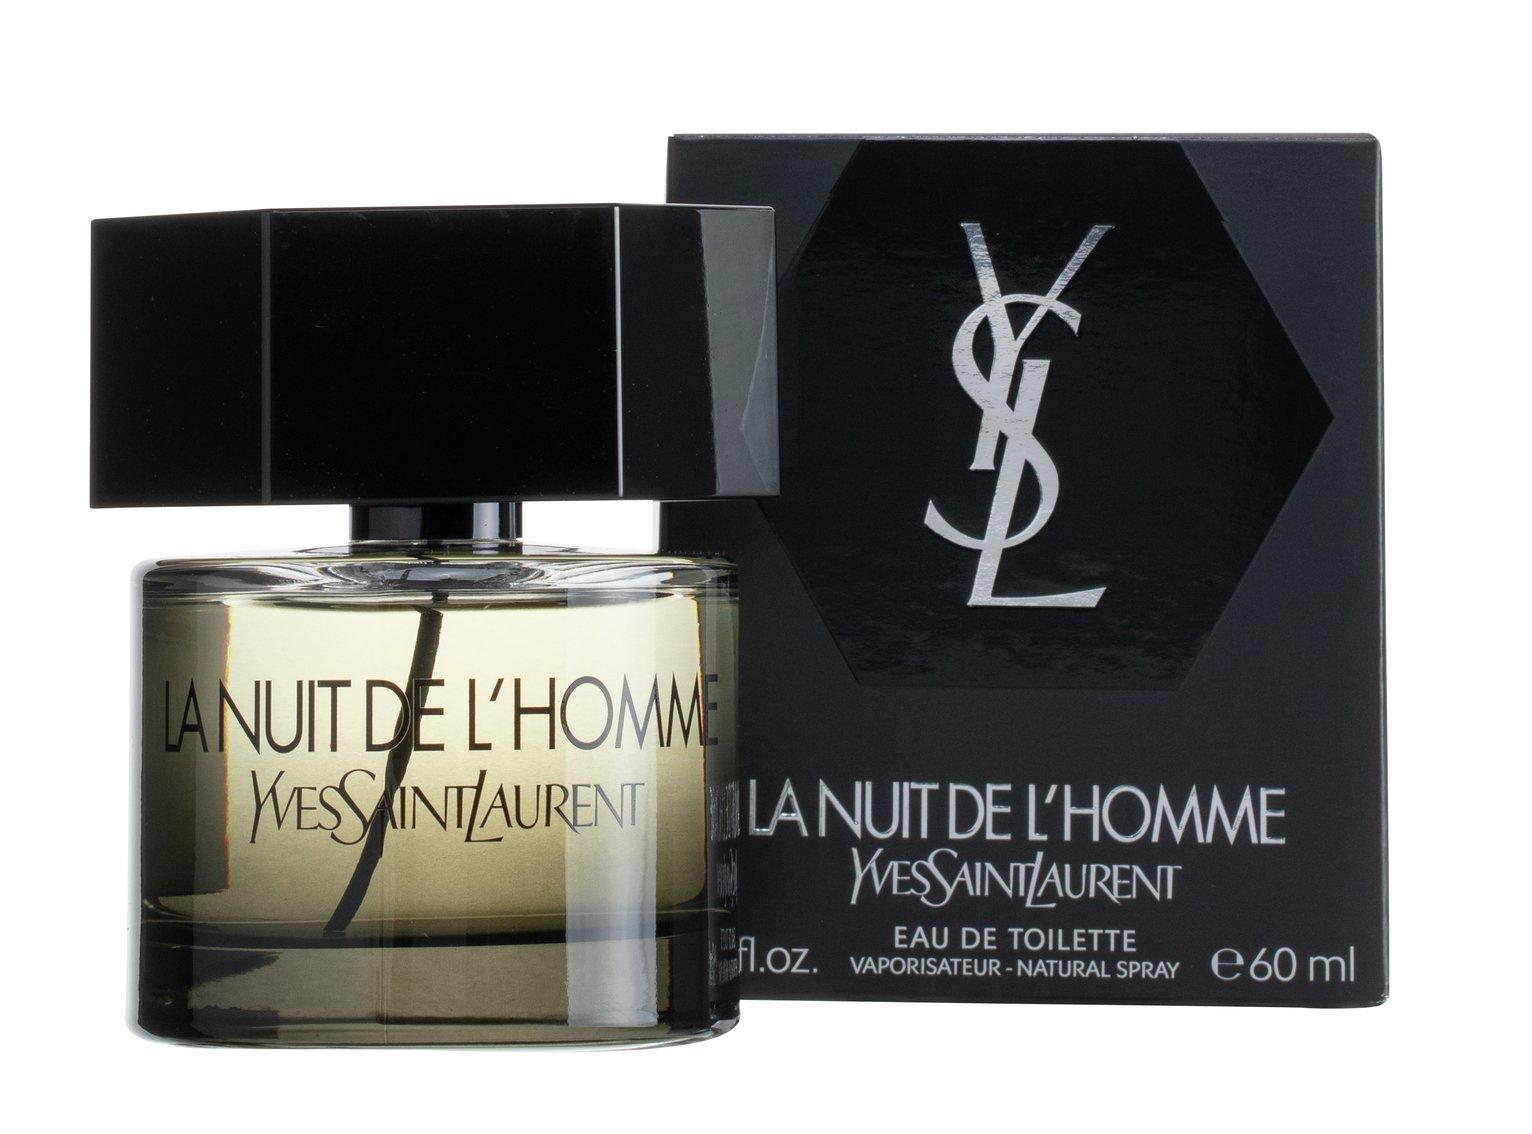 Yves Saint Laurent La Nuit de L'Homme Eau de Toilette - 60ml